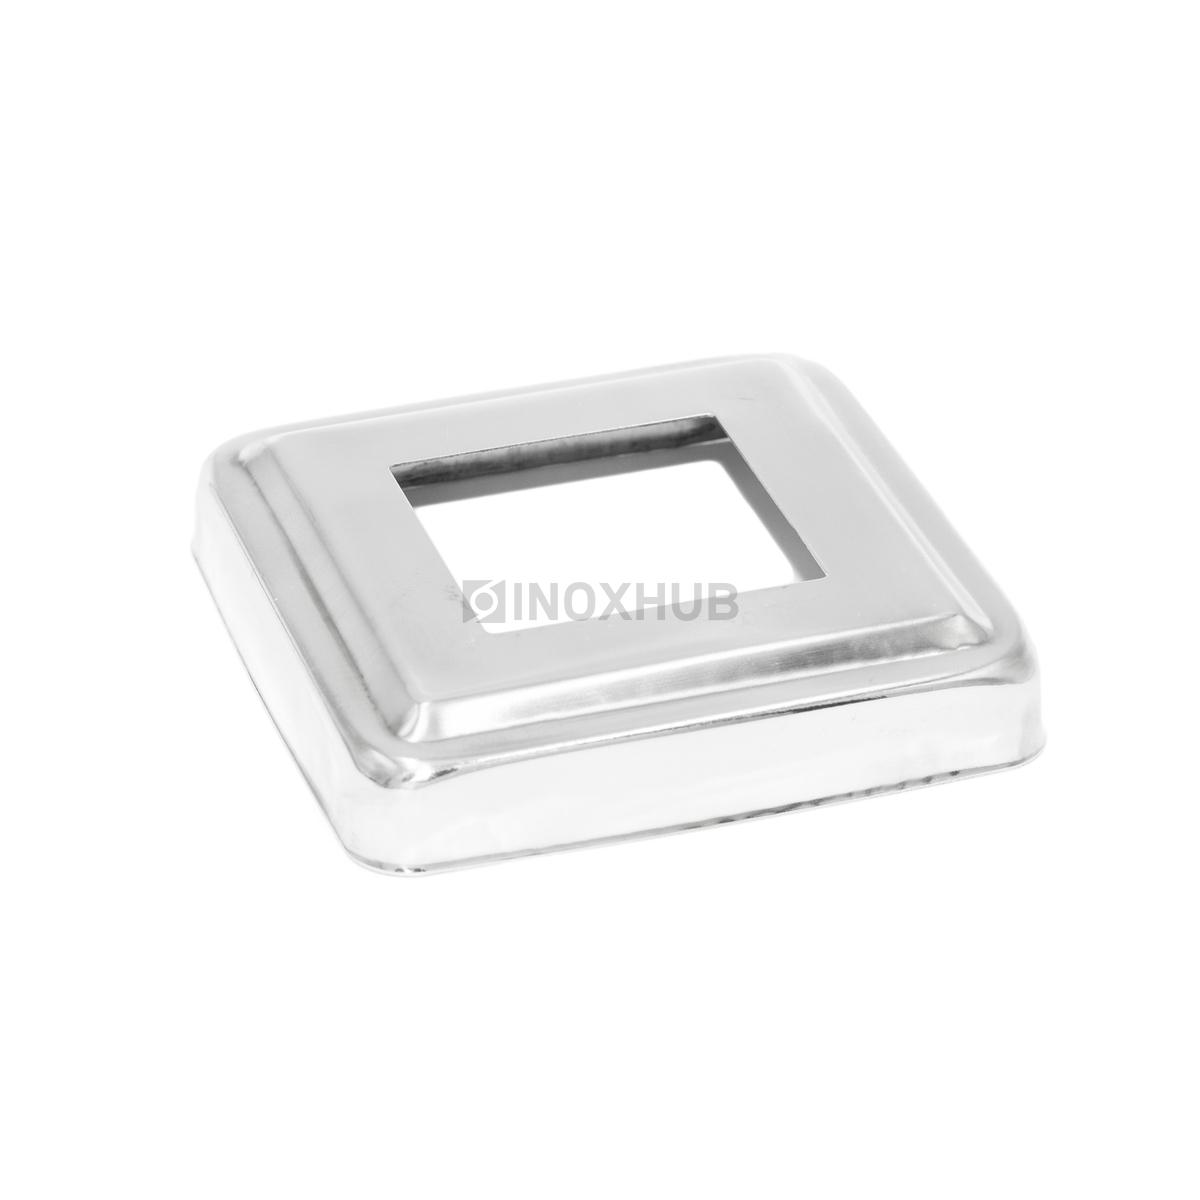 Низ стойки квадратный фигурный штамп 40×40 / 86×86 мм, AISI 304, GRIT 600